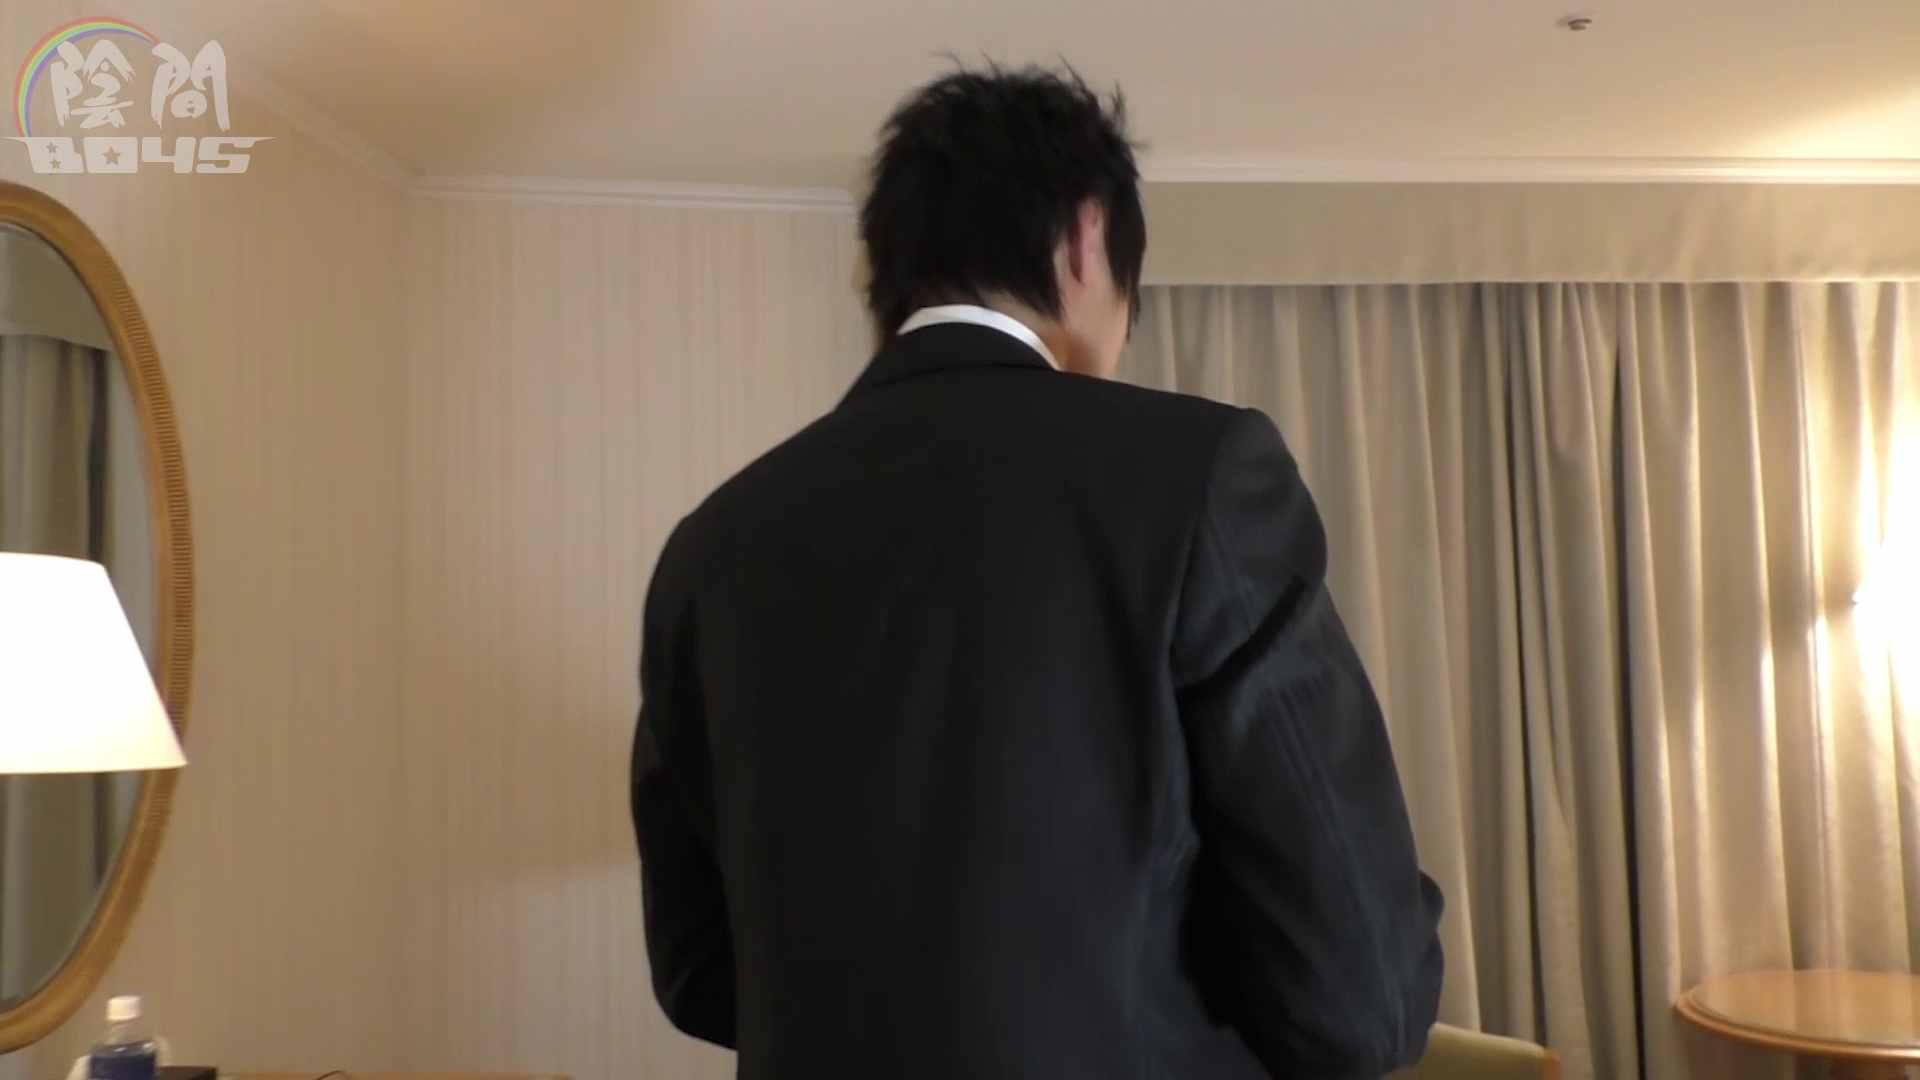 """キャバクラの仕事は""""アナル""""から1 Vol.01 無修正 ゲイエロビデオ画像 86pic 58"""